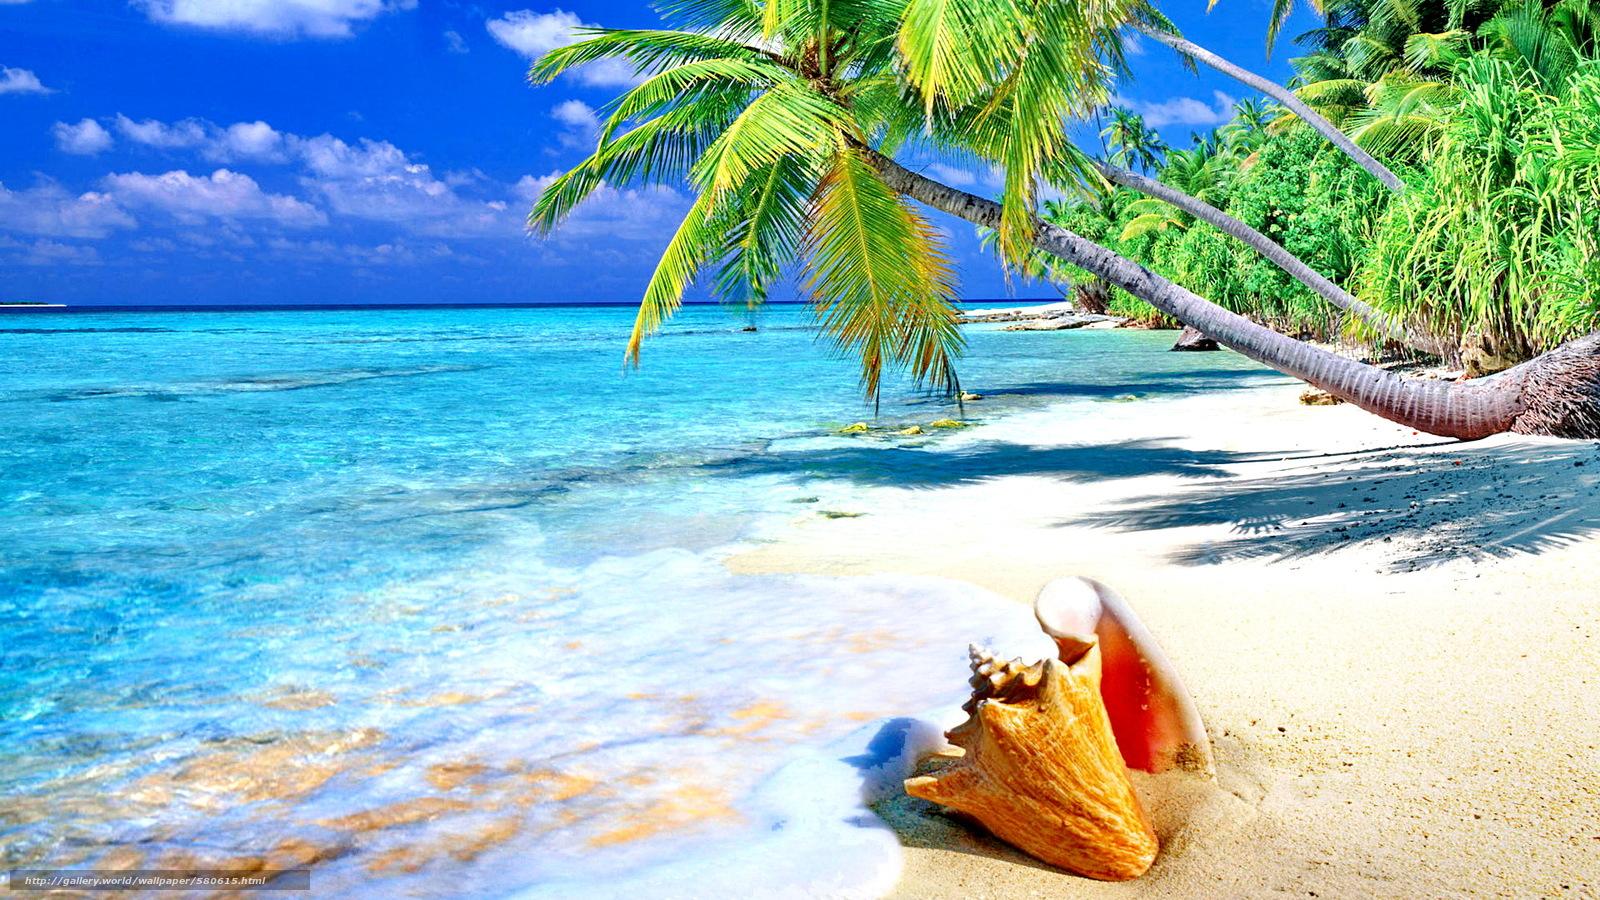 обои для рабочего стола берег пляжи № 598796 загрузить